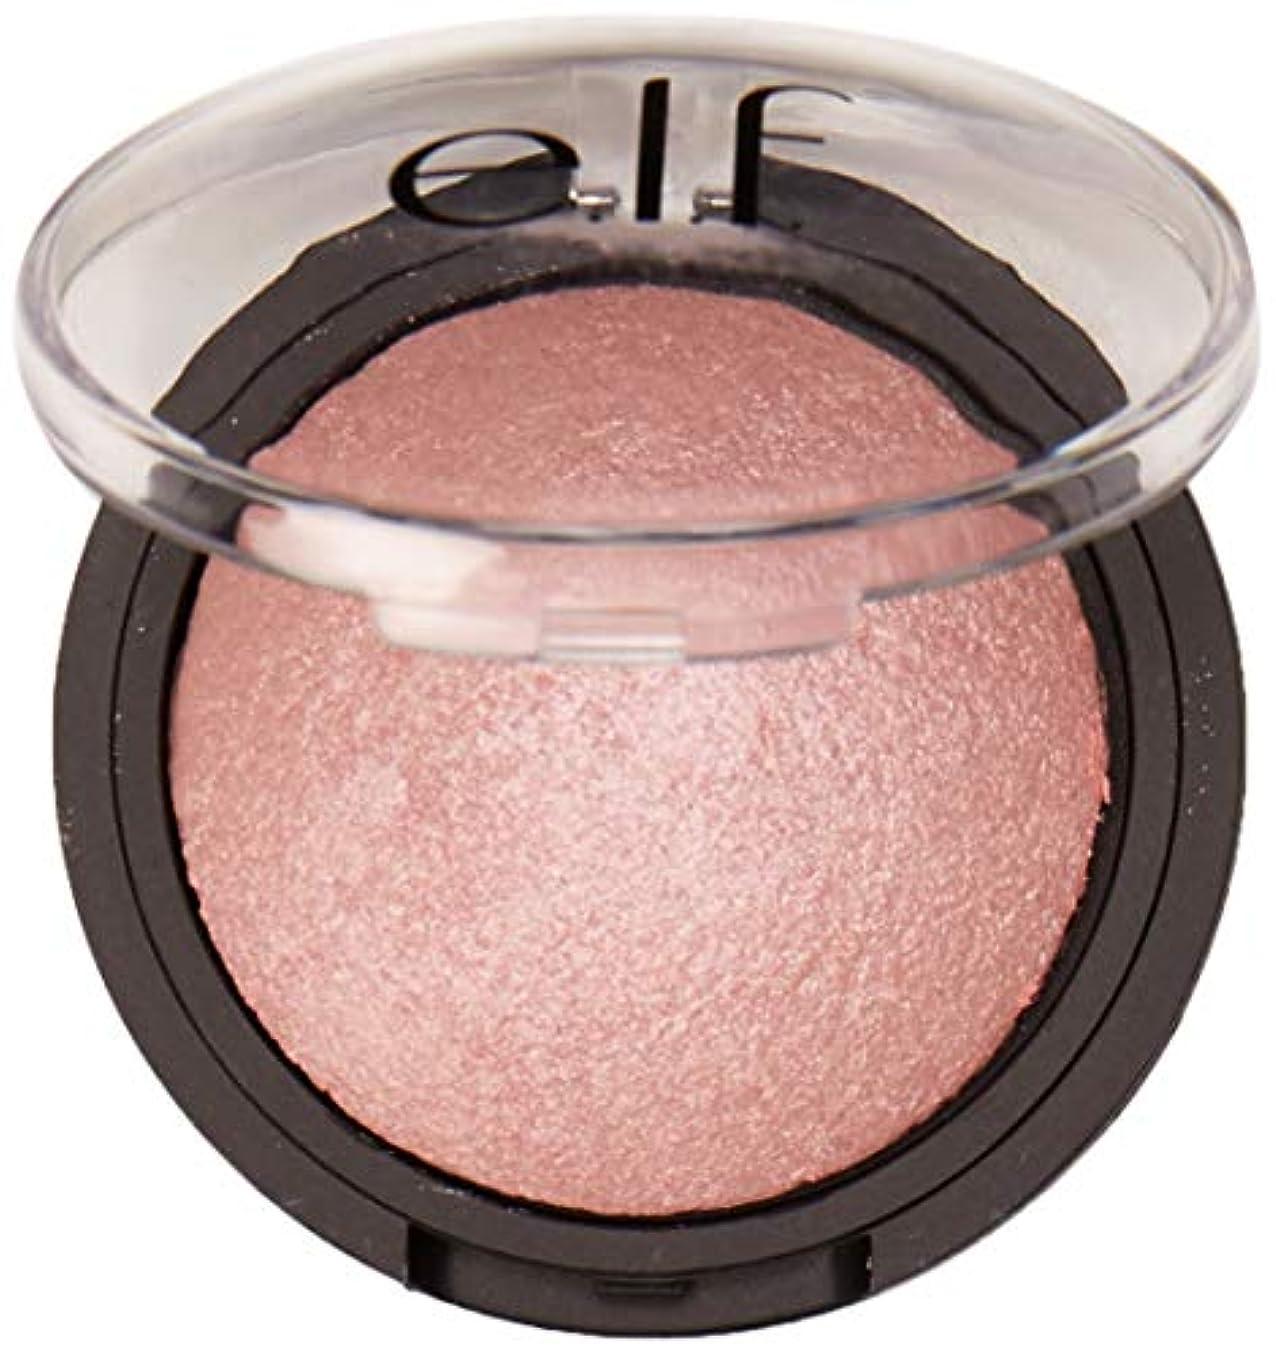 気体の暗記するレバーe.l.f. Studio Baked Highlighter - Pink Diamonds(ベイクドハイライター, ピンクダイヤモンド, 0.17 oz 5 g)